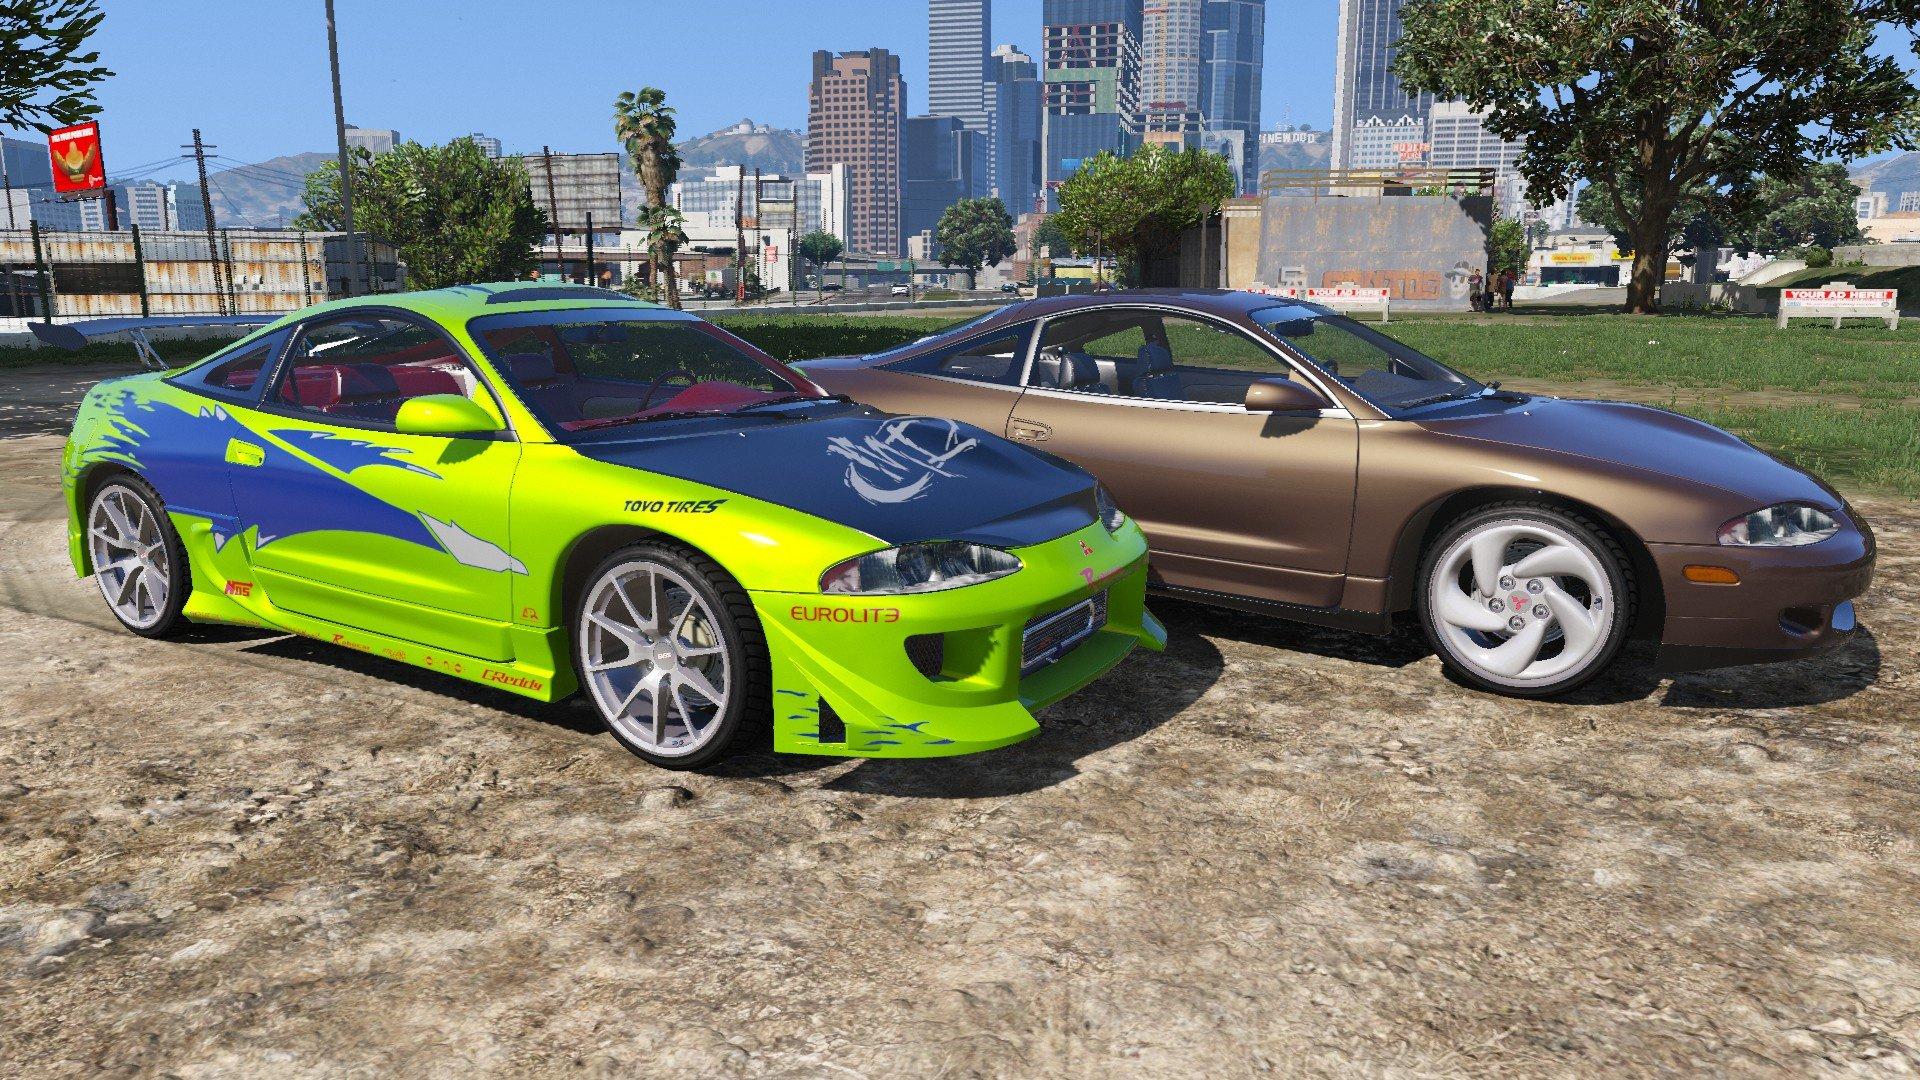 1995 Mitsubishi Eclipse GSX - GTA5-Mods.com